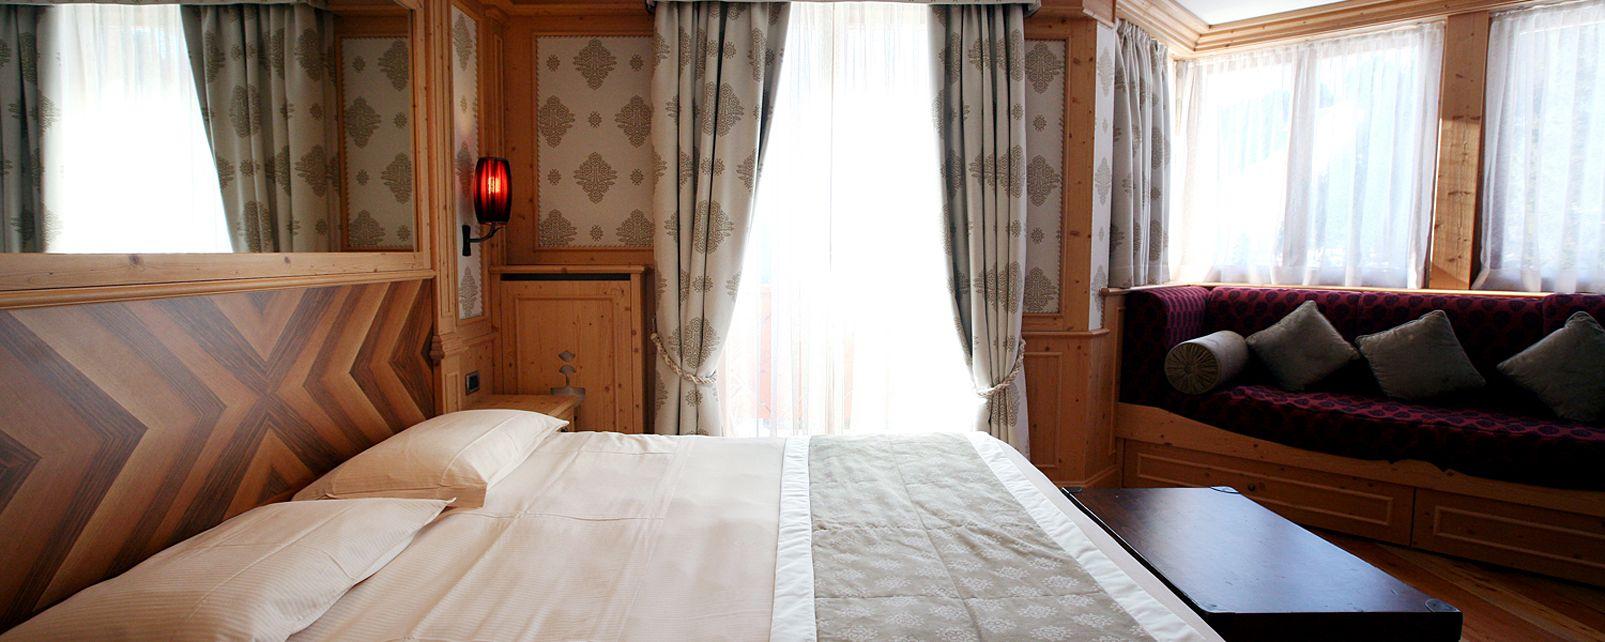 Hôtel Cristal Palace Hotel